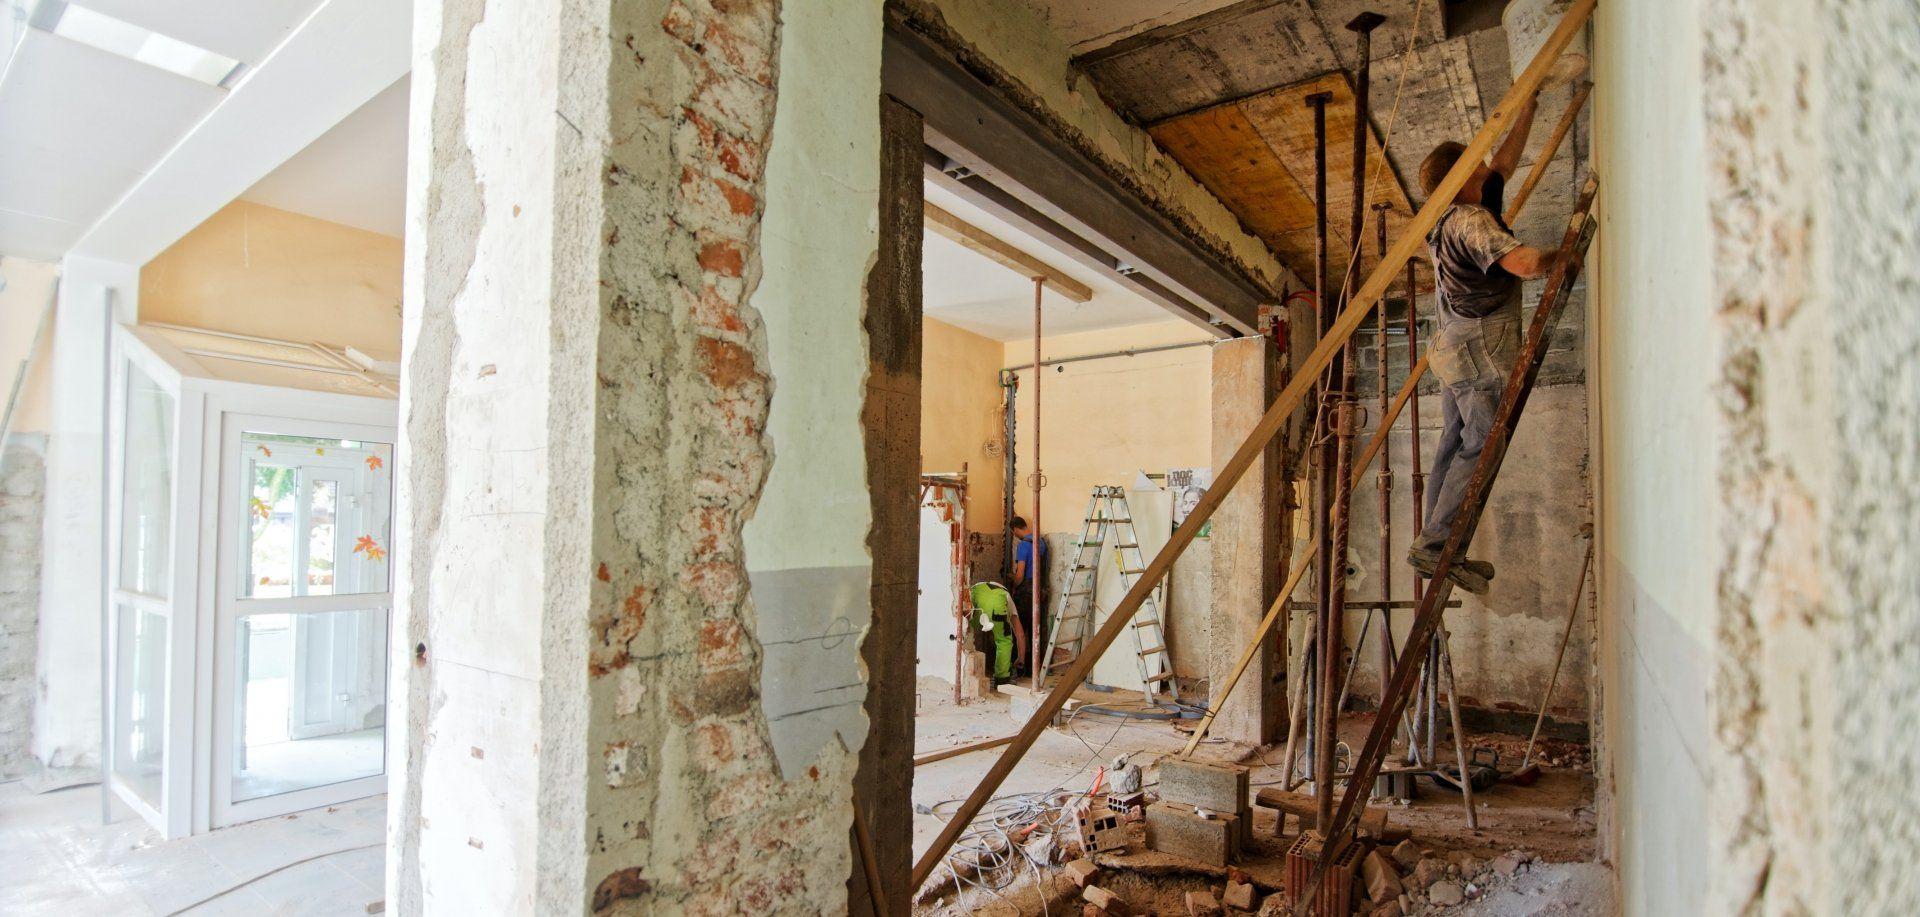 Reforma interior viviendas rehabilitación